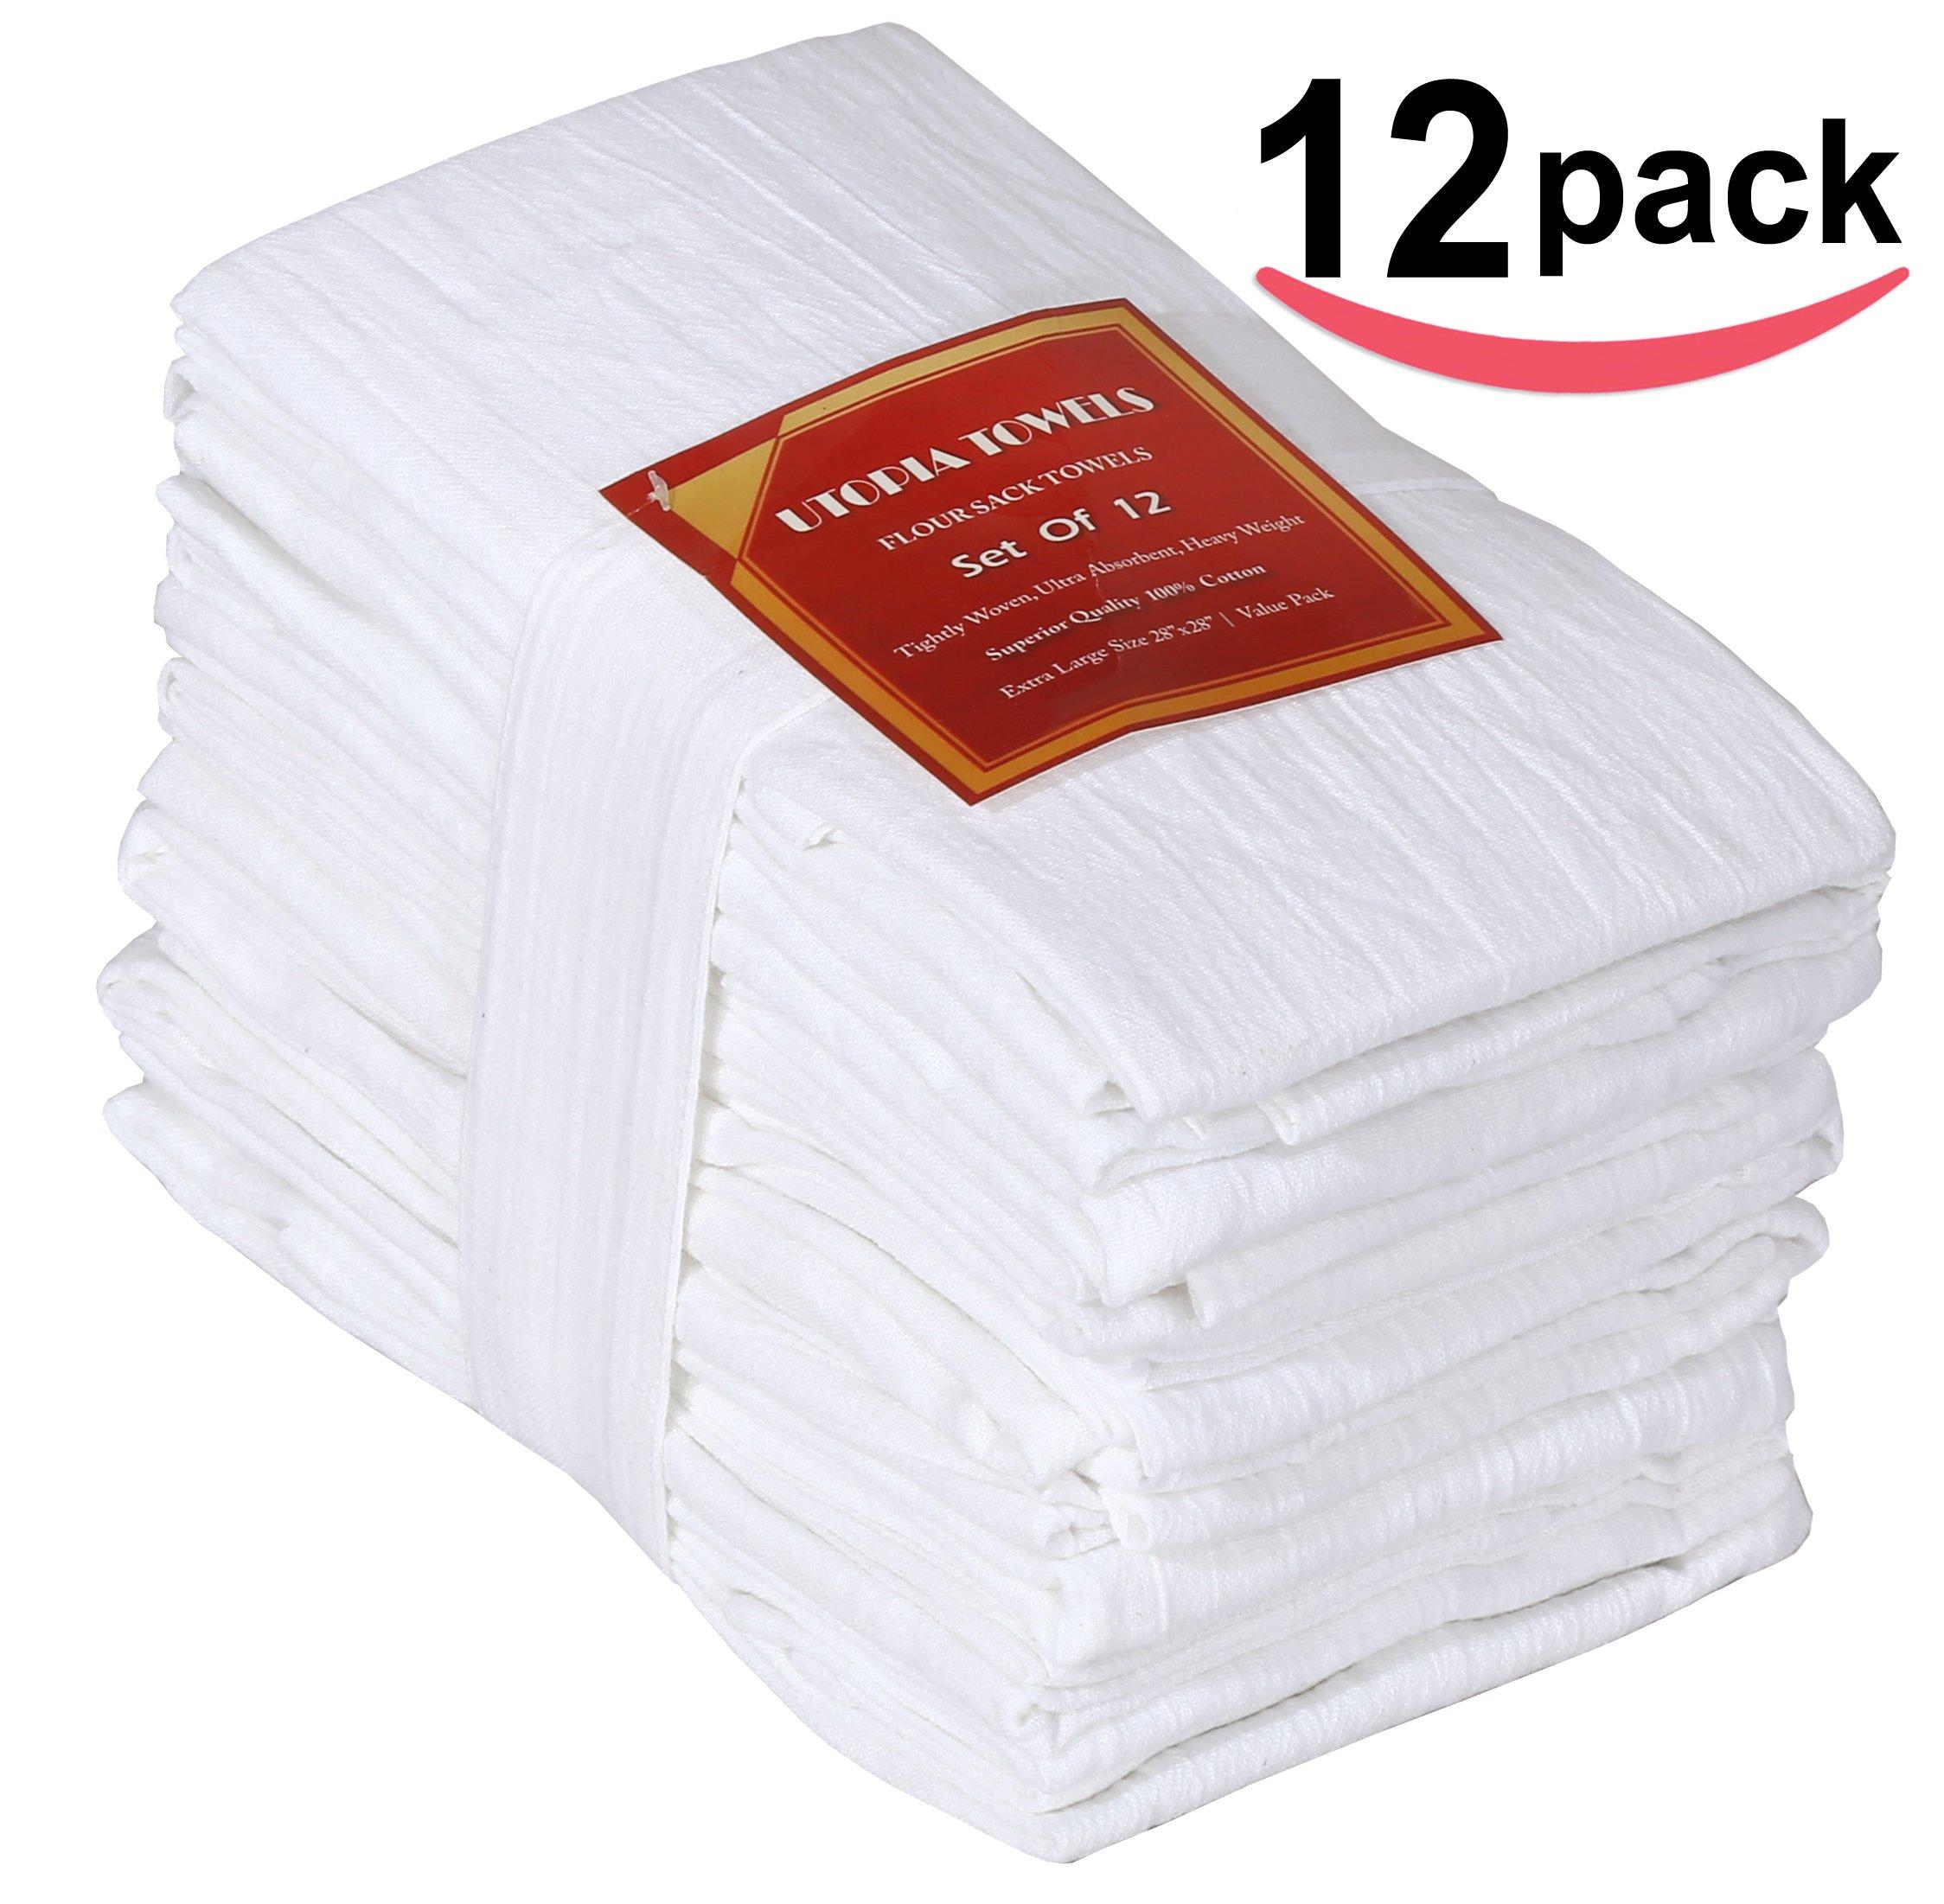 Kitchen Towels: Flour-Sack-Towels Dish-Cloth Kitchen-Towels Pure Cotton 12